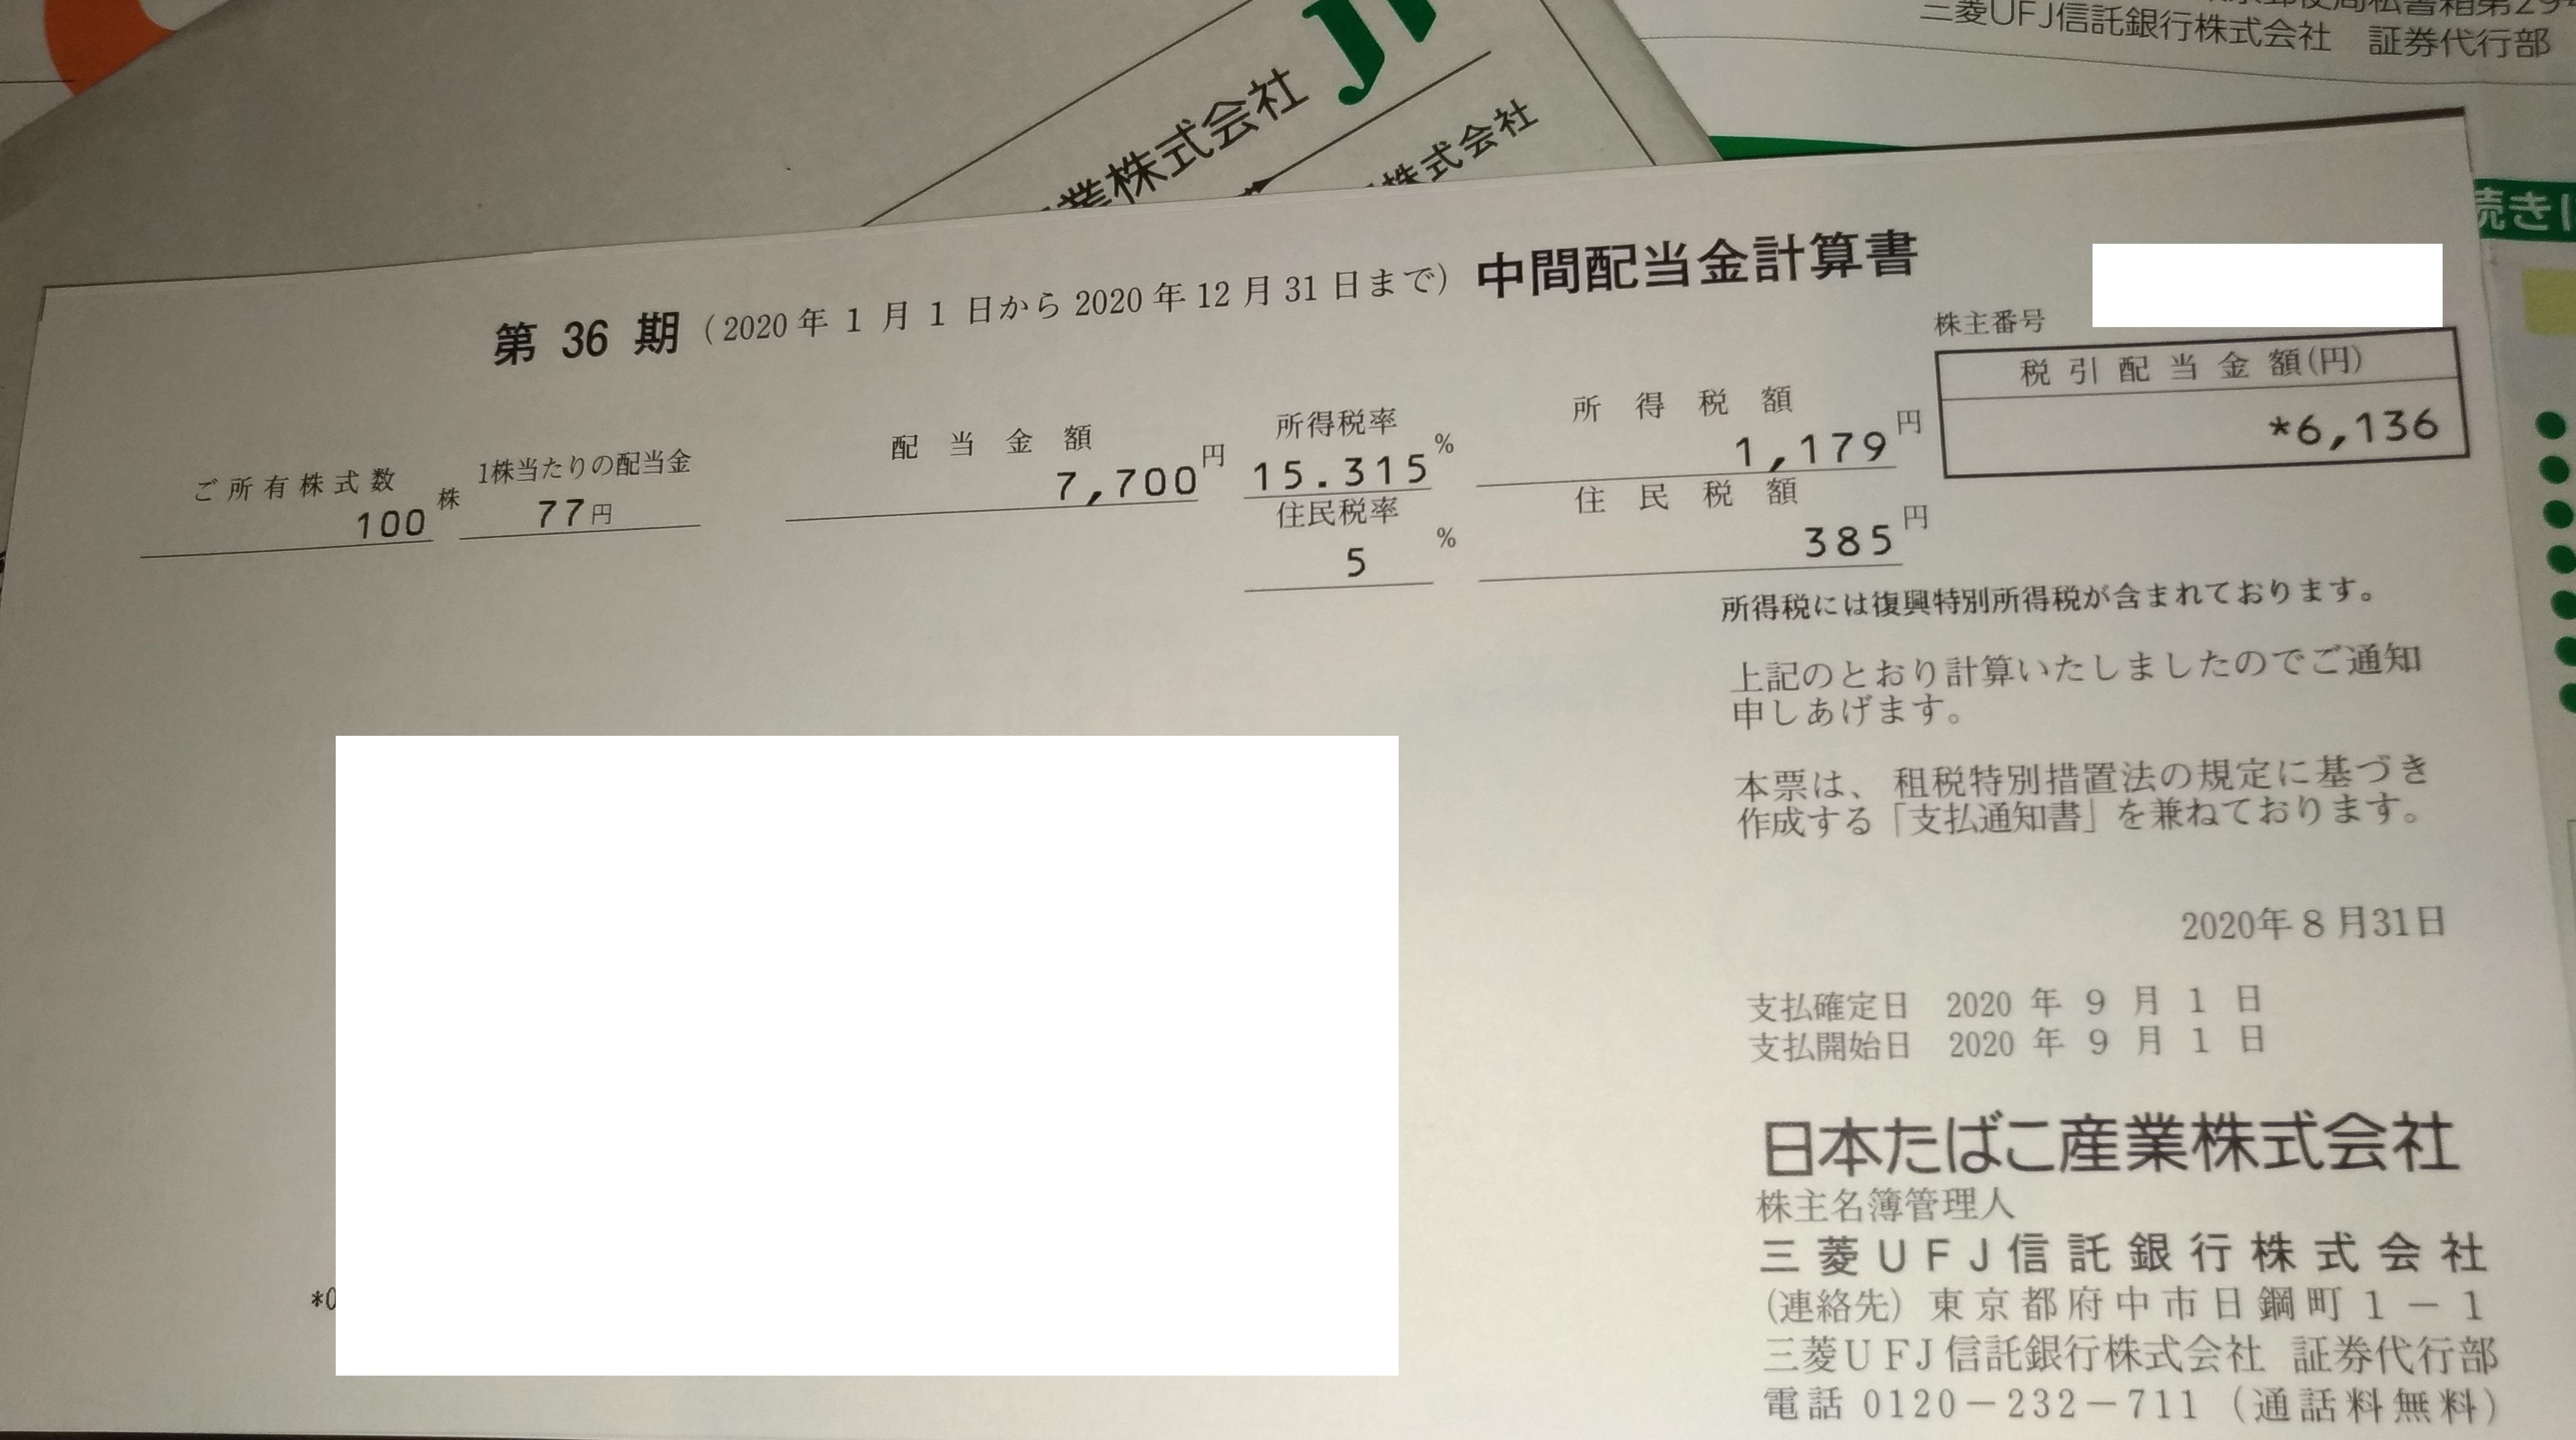 haito_JT_kabu_2020_09_01_1.jpg